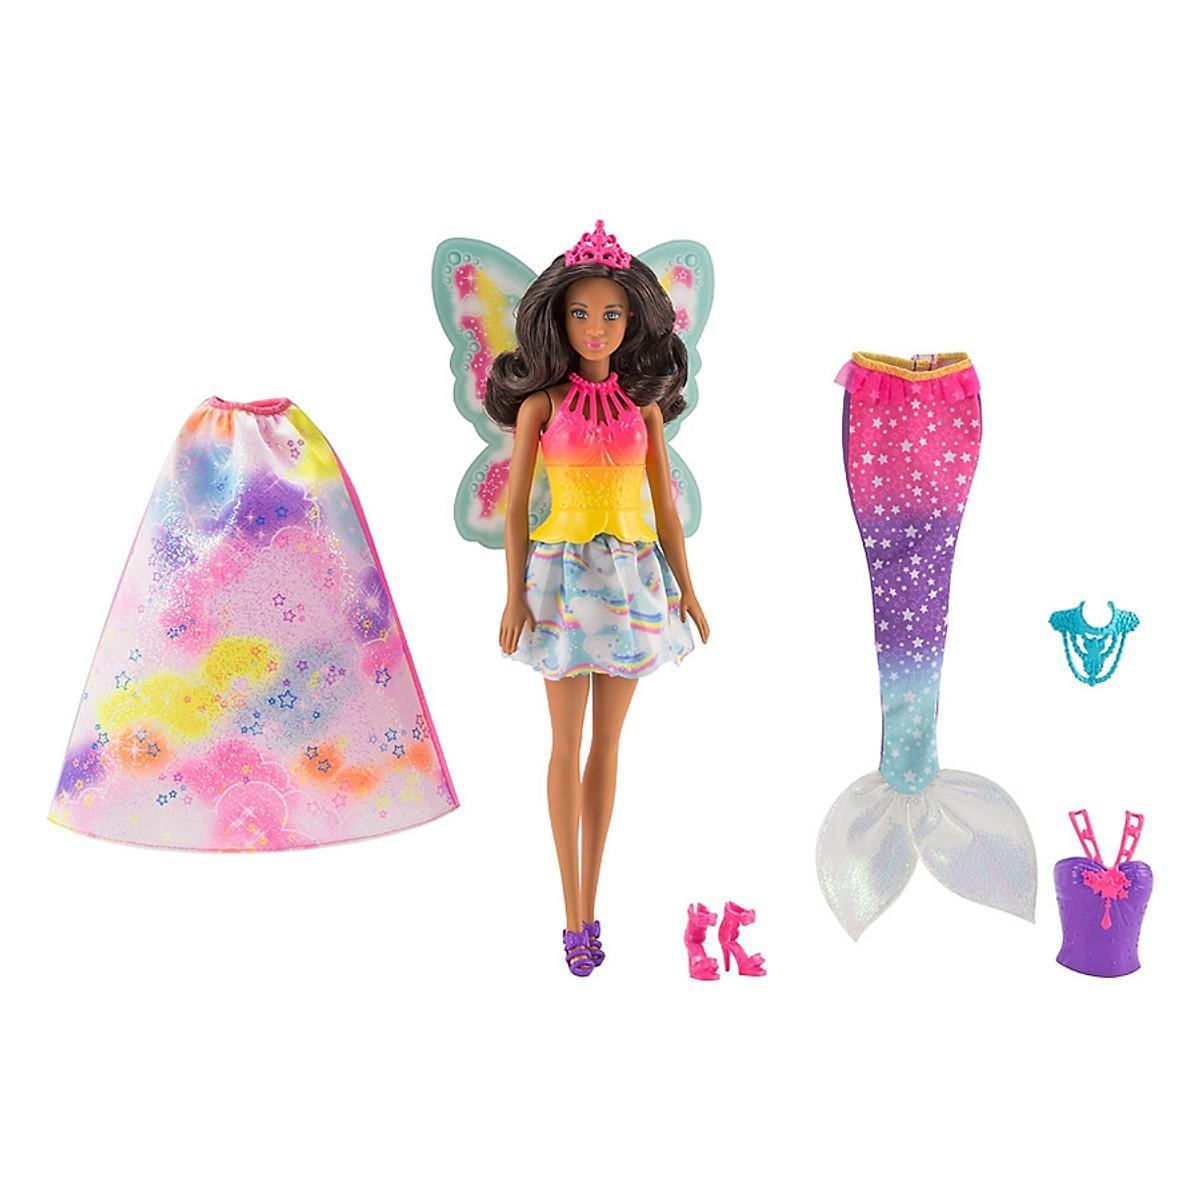 Voucher Khuyến Mại Đồ Chơi Búp Bê Thần Tiên Và Bộ Phụ Kiện Barbie FMV91 - Mẫu Ngẫu Nhiên